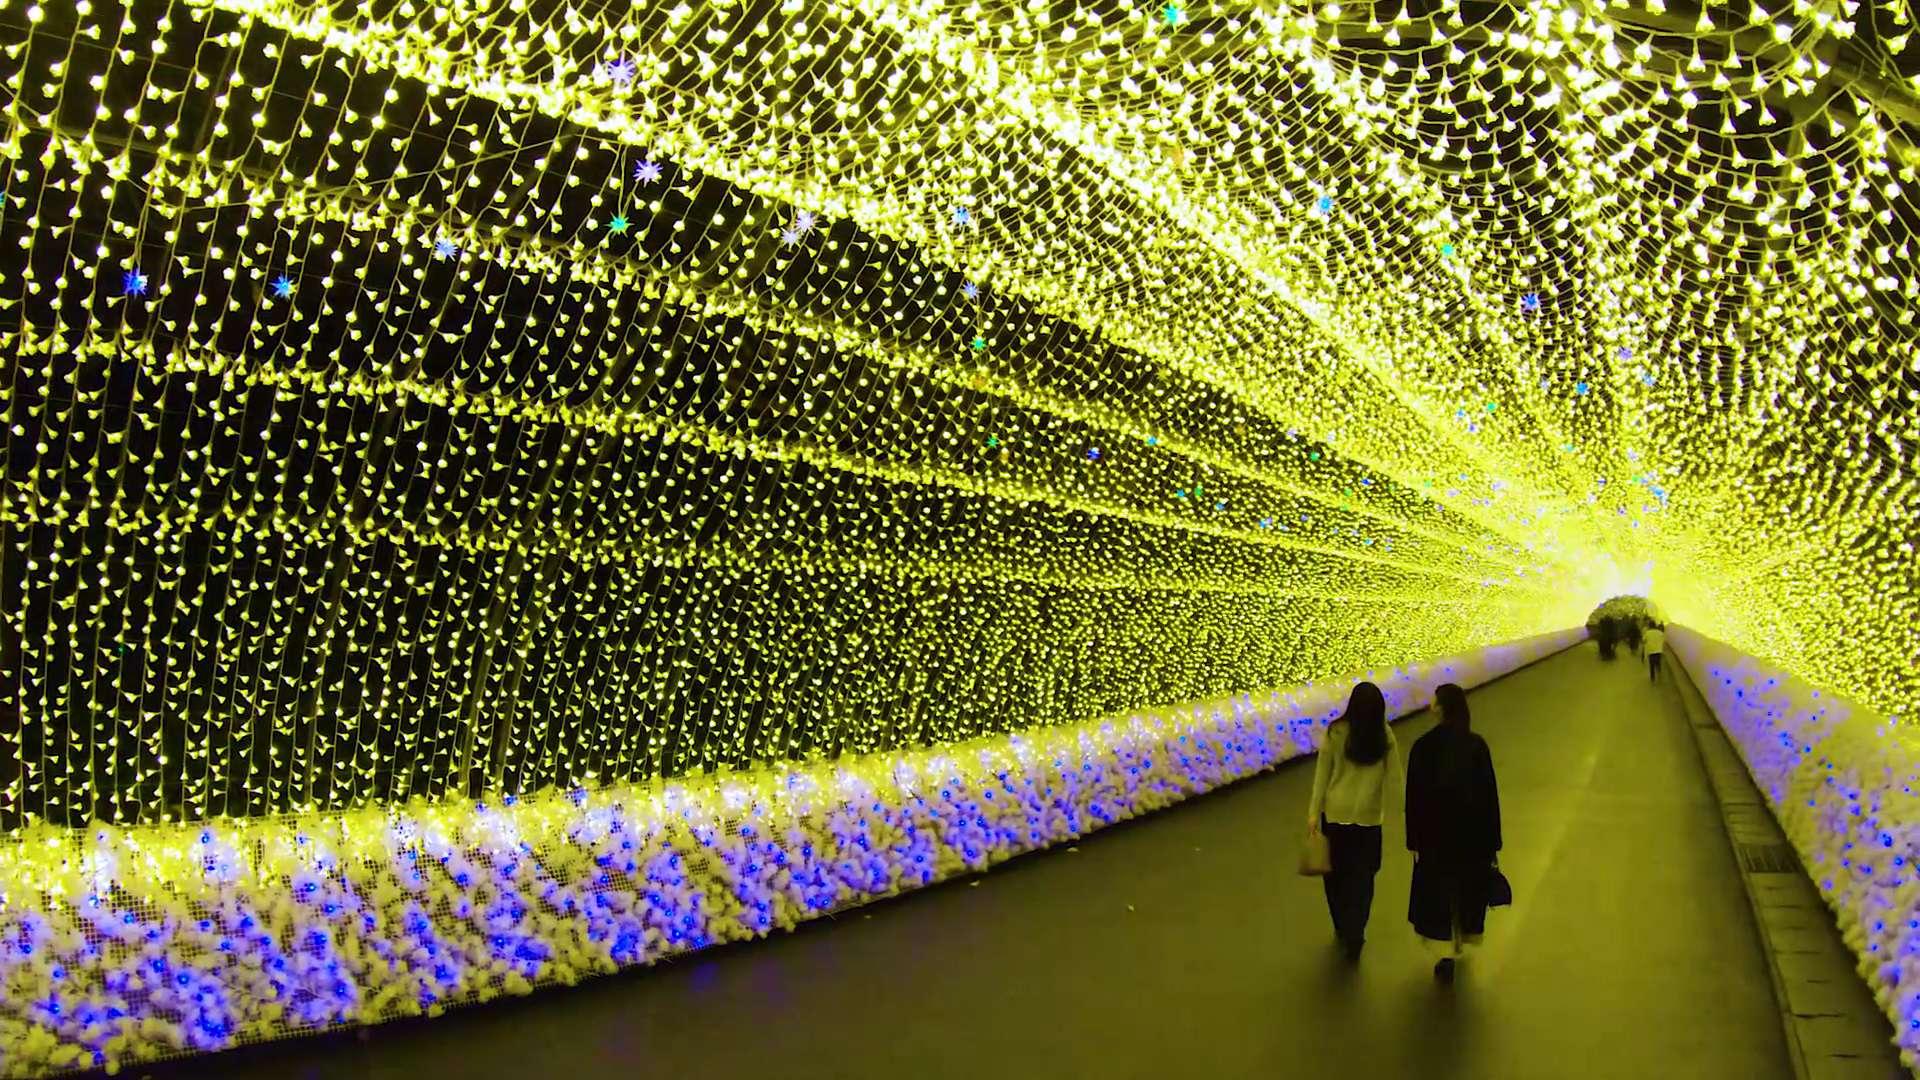 規模壯大的燈飾秀也是必看美景